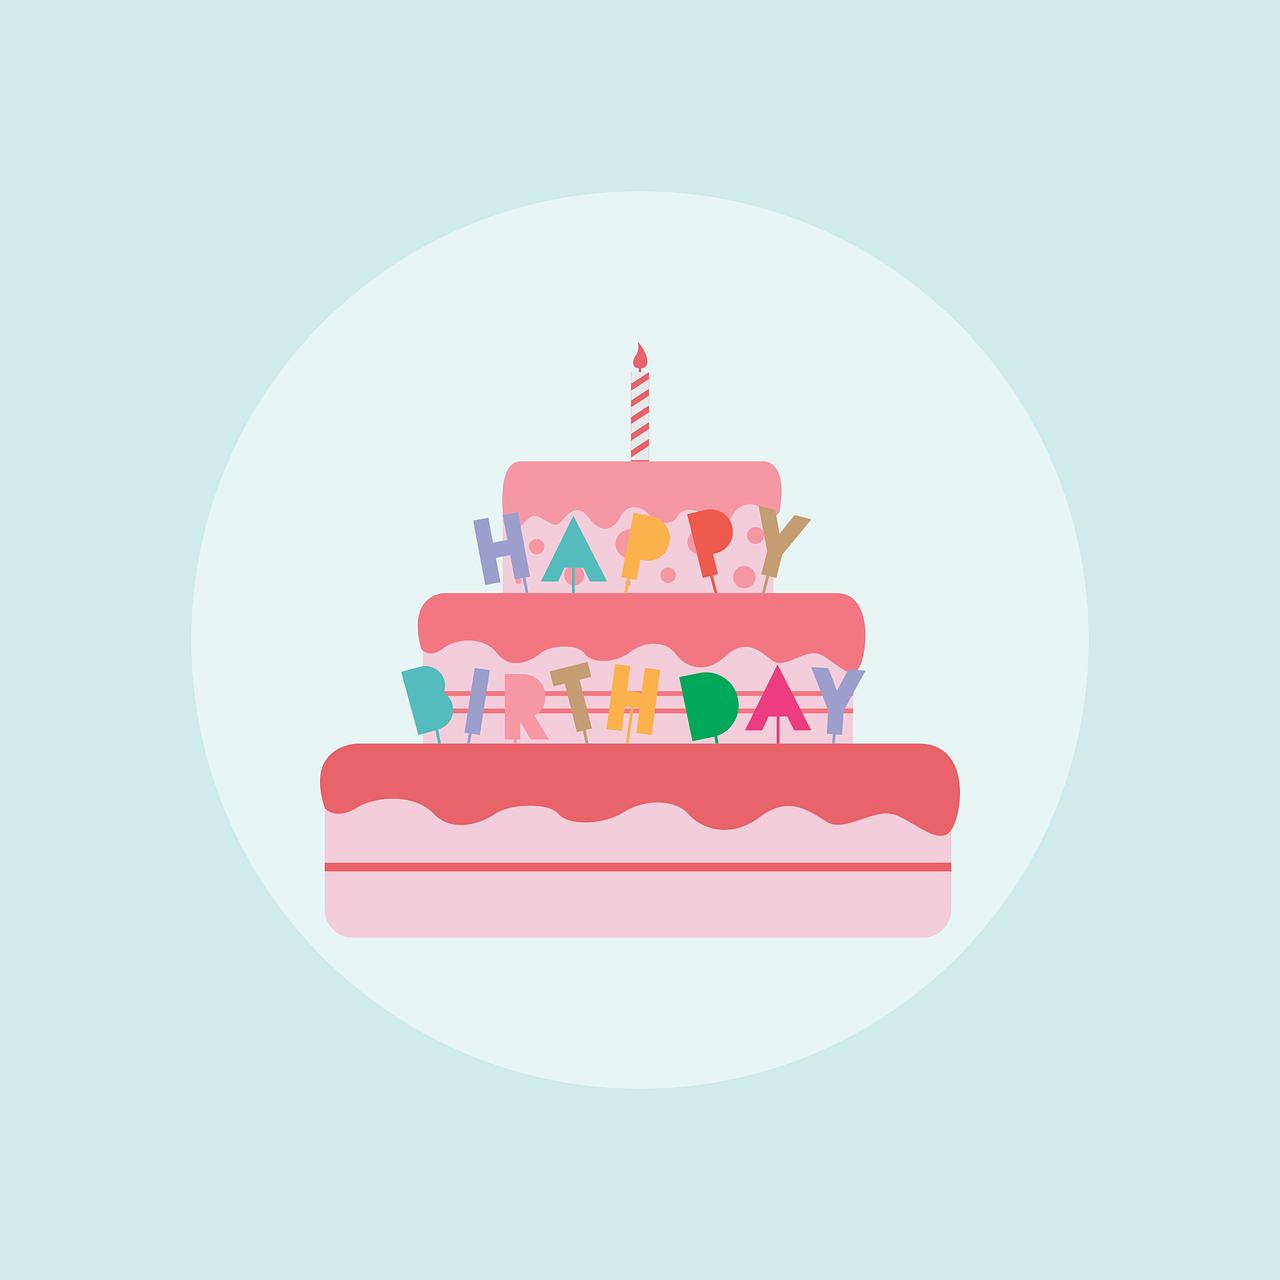 Happy Birthday Analog 2.0